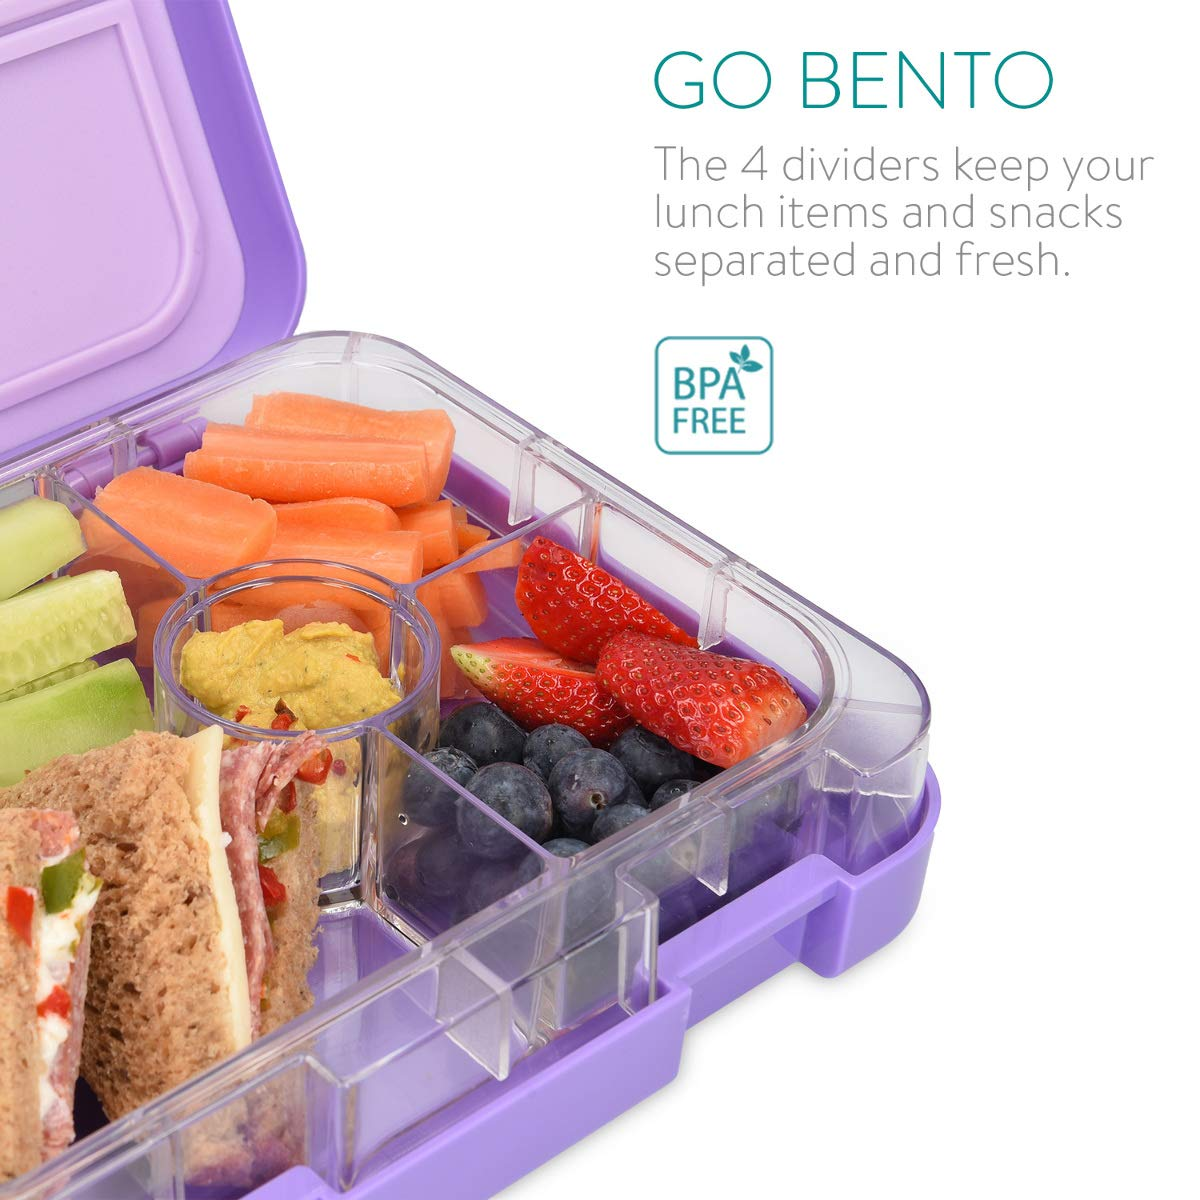 Navaris Recipiente herm/ético de Comida Lunchbox Estilo bento con 4 Compartimentos para ni/ños y Adultos para el Colegio o Trabajo en Azul Oscuro